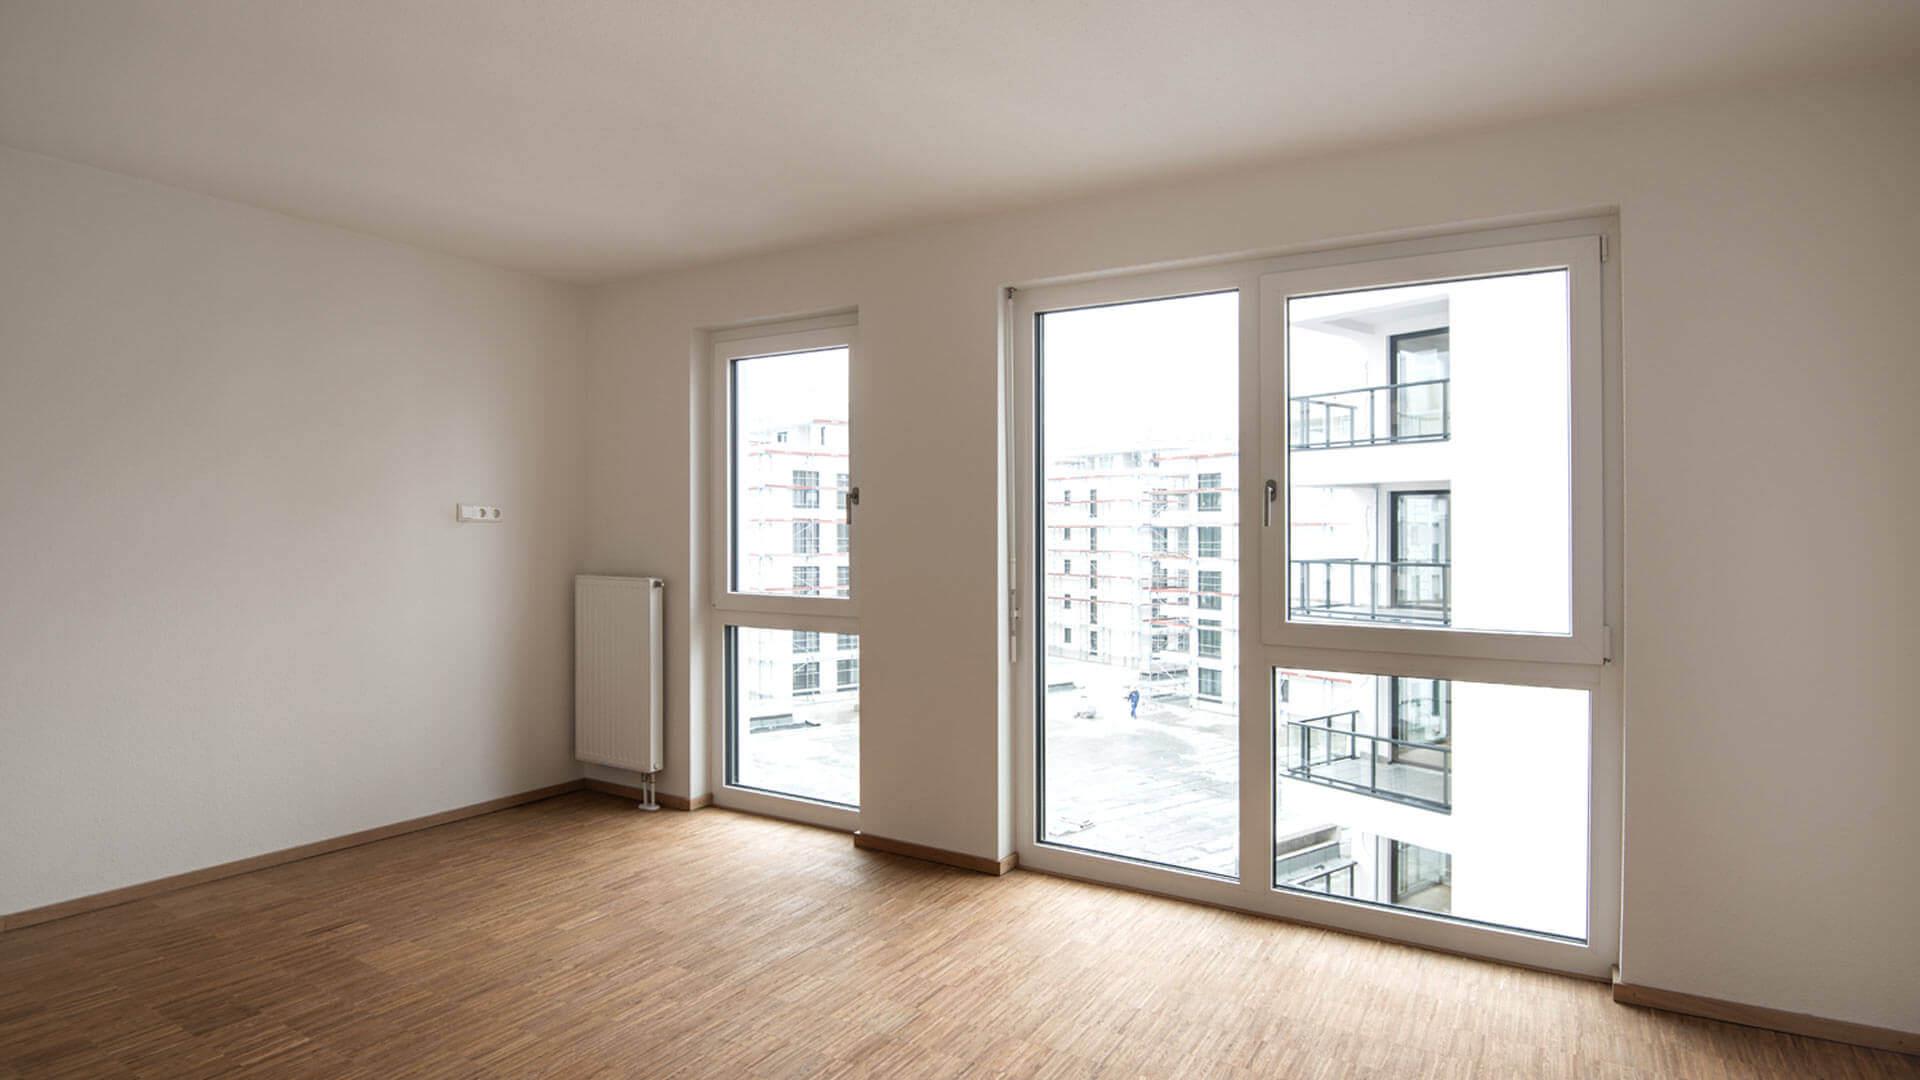 Schäfer & Wunsch Immobilien Architektur Fotografie Räume